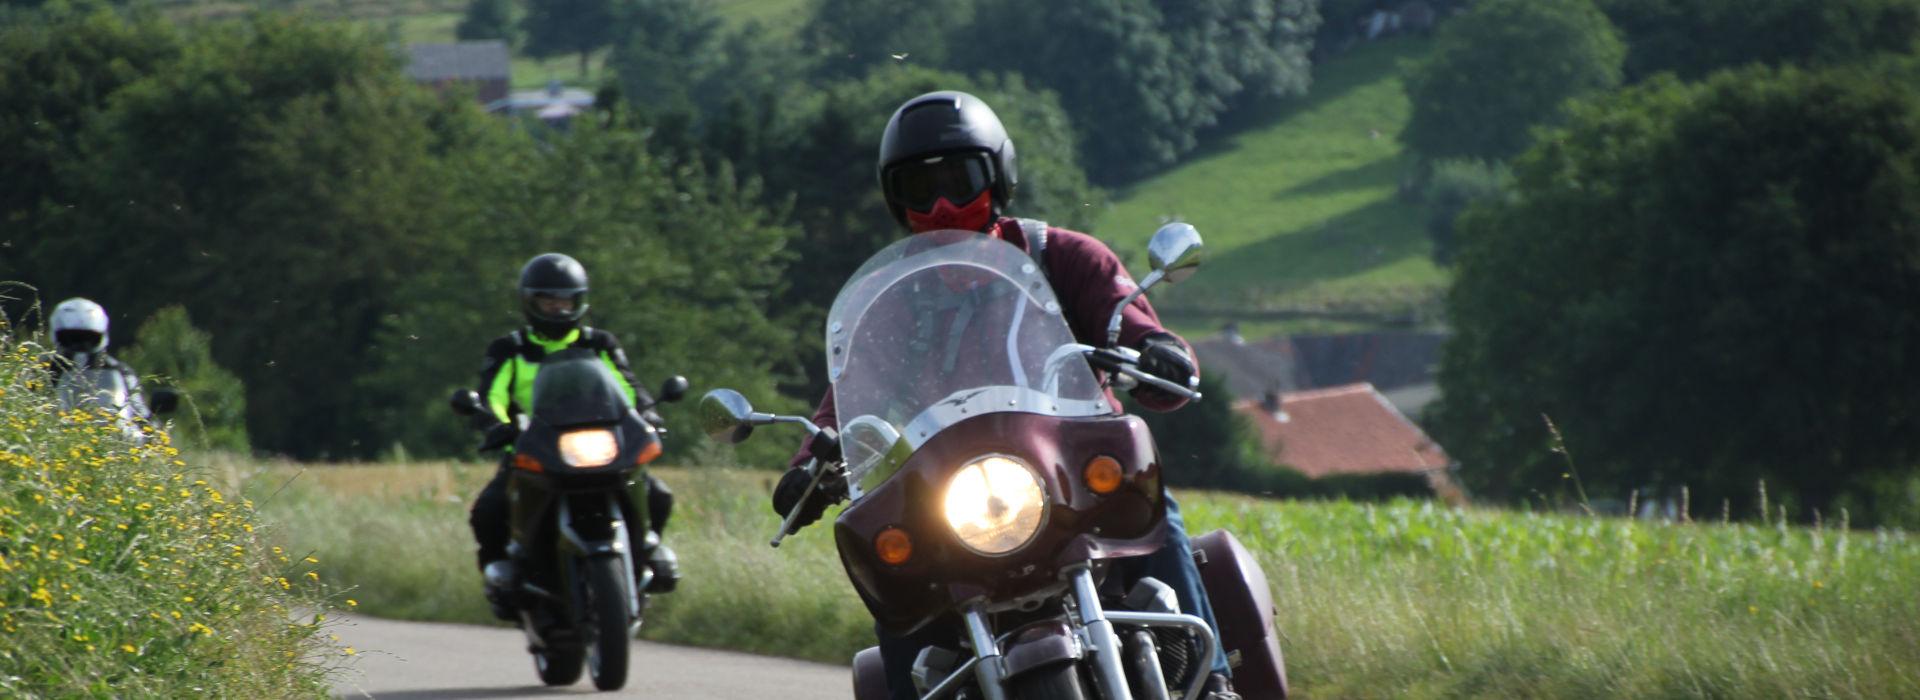 Motorrijbewijspoint Ell motorrijlessen